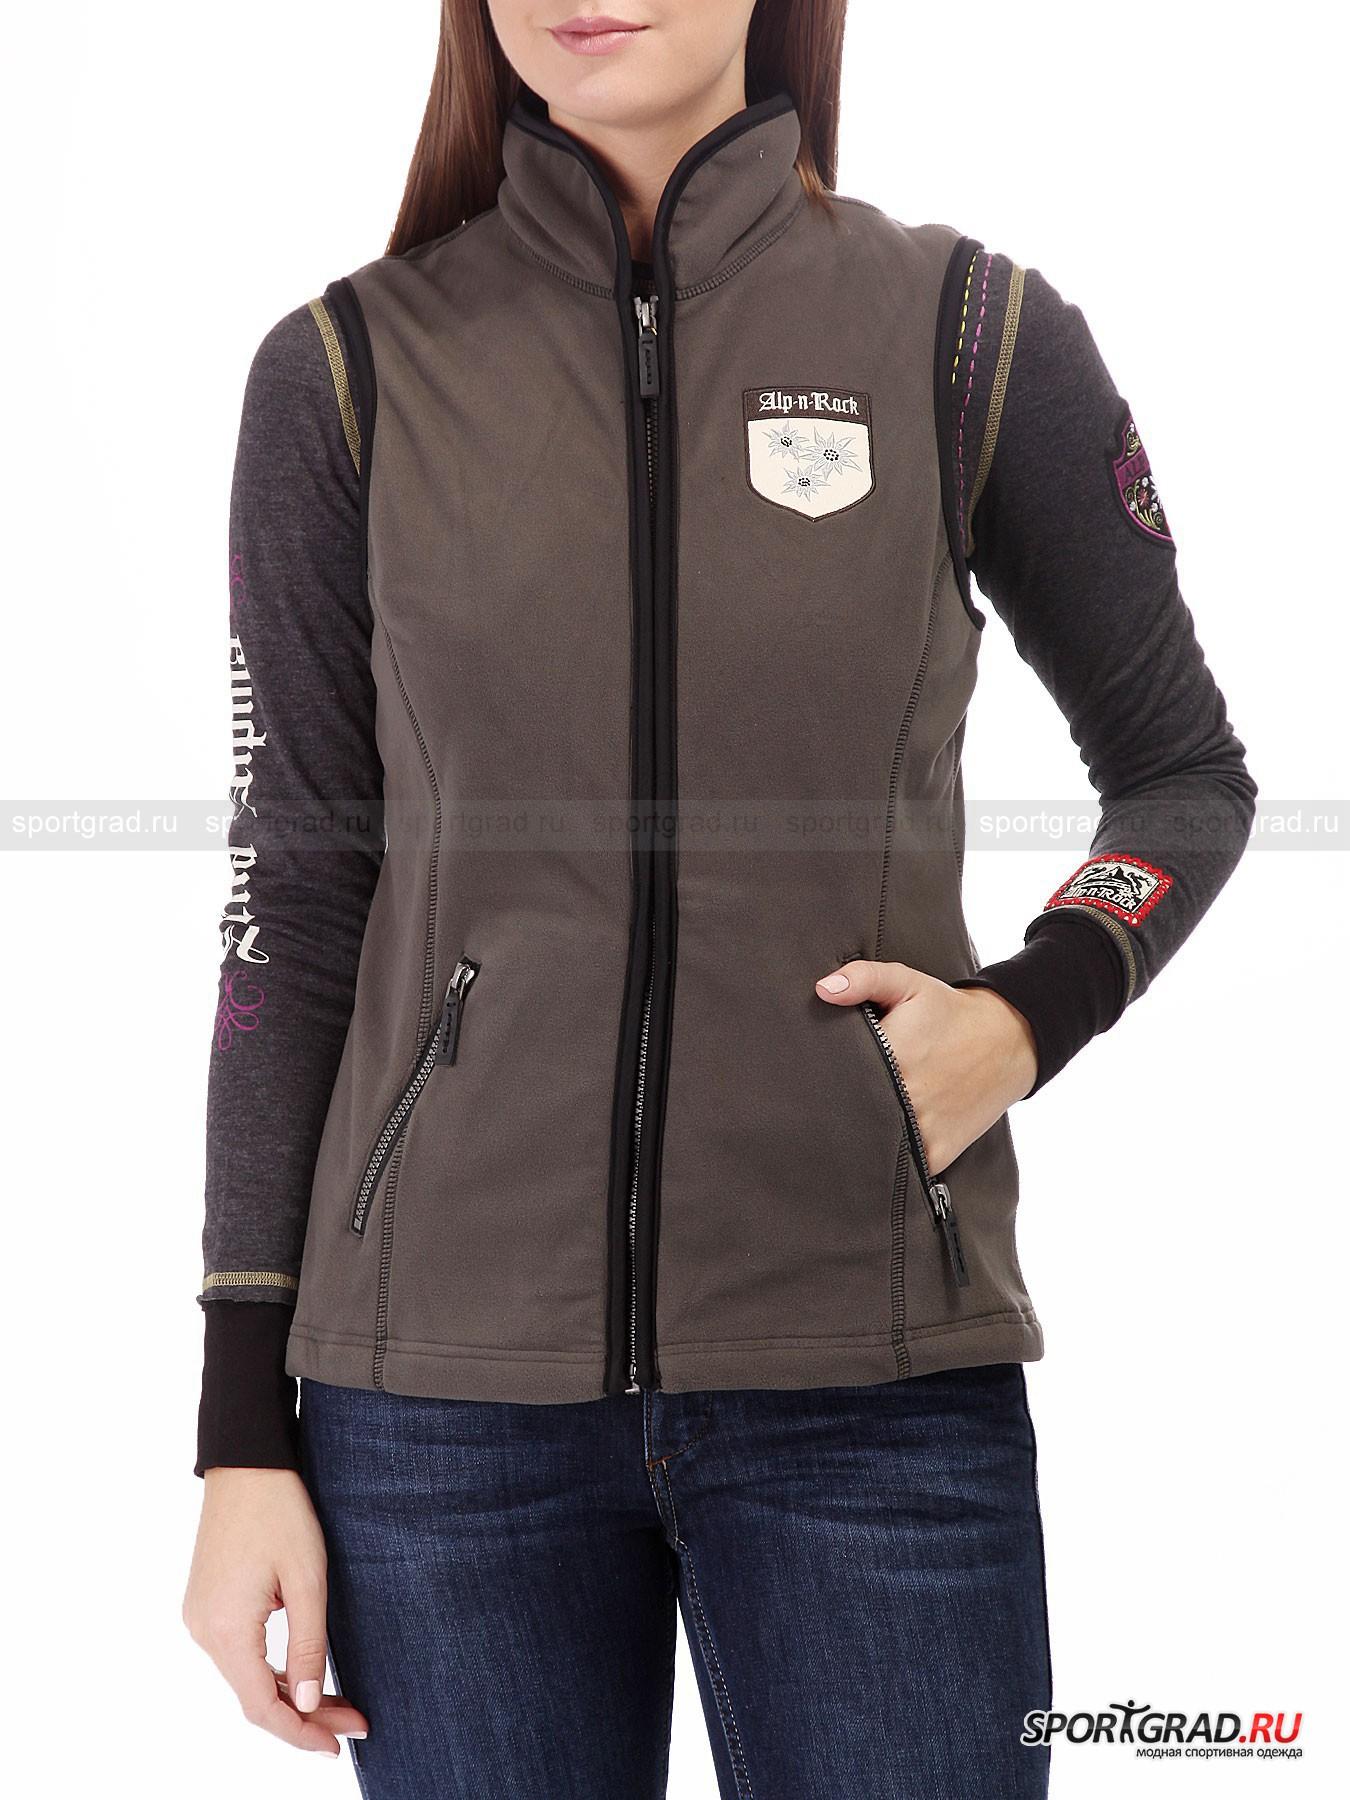 Жилет женский из флиса Jeboa Vest ALP-N-ROCK